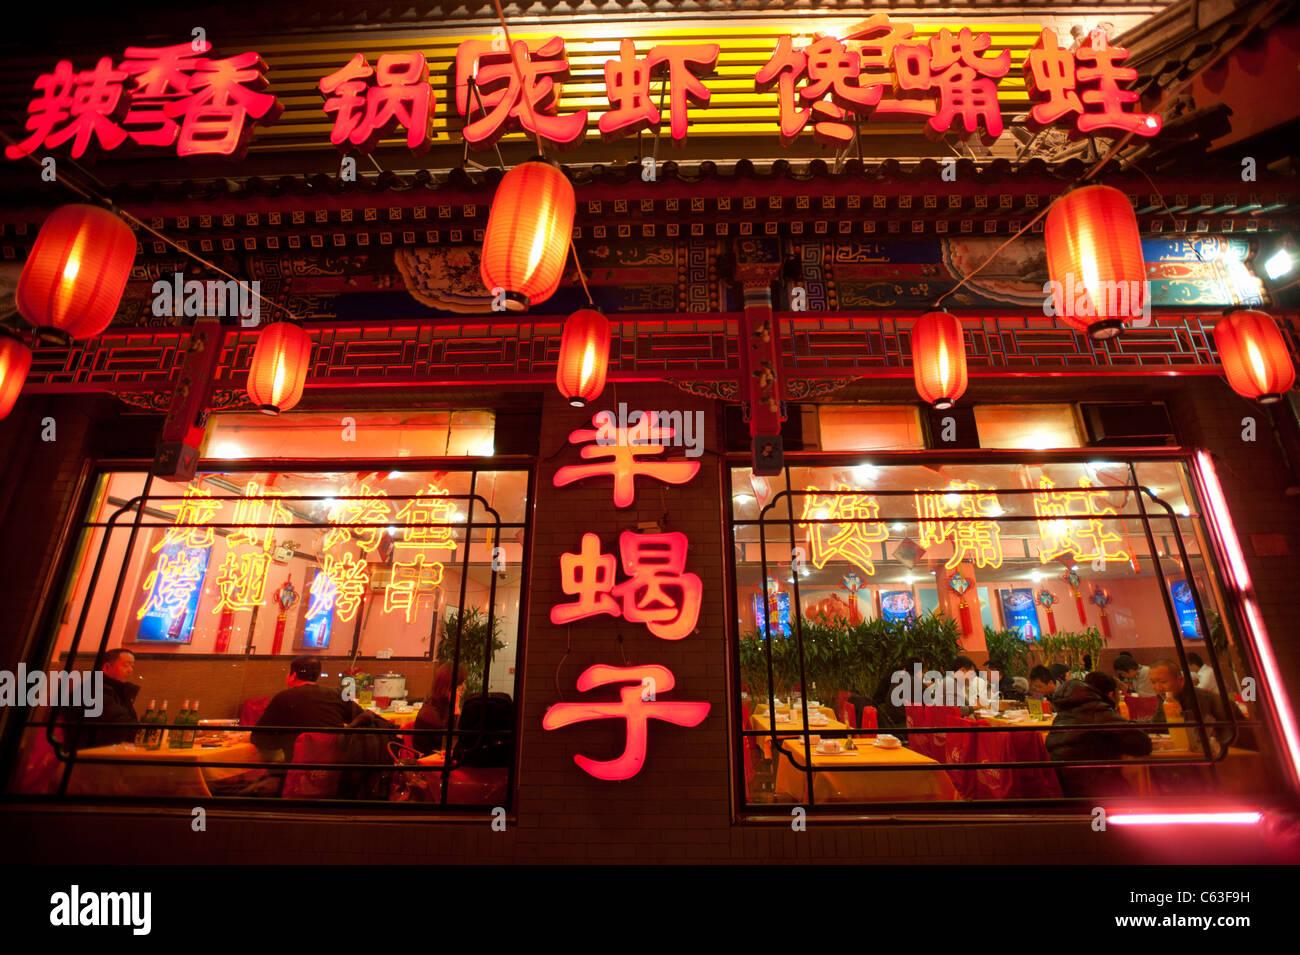 Luces de neón y faroles rojos en la noche iluminando menú en un restaurante chino en Pekín, China Imagen De Stock